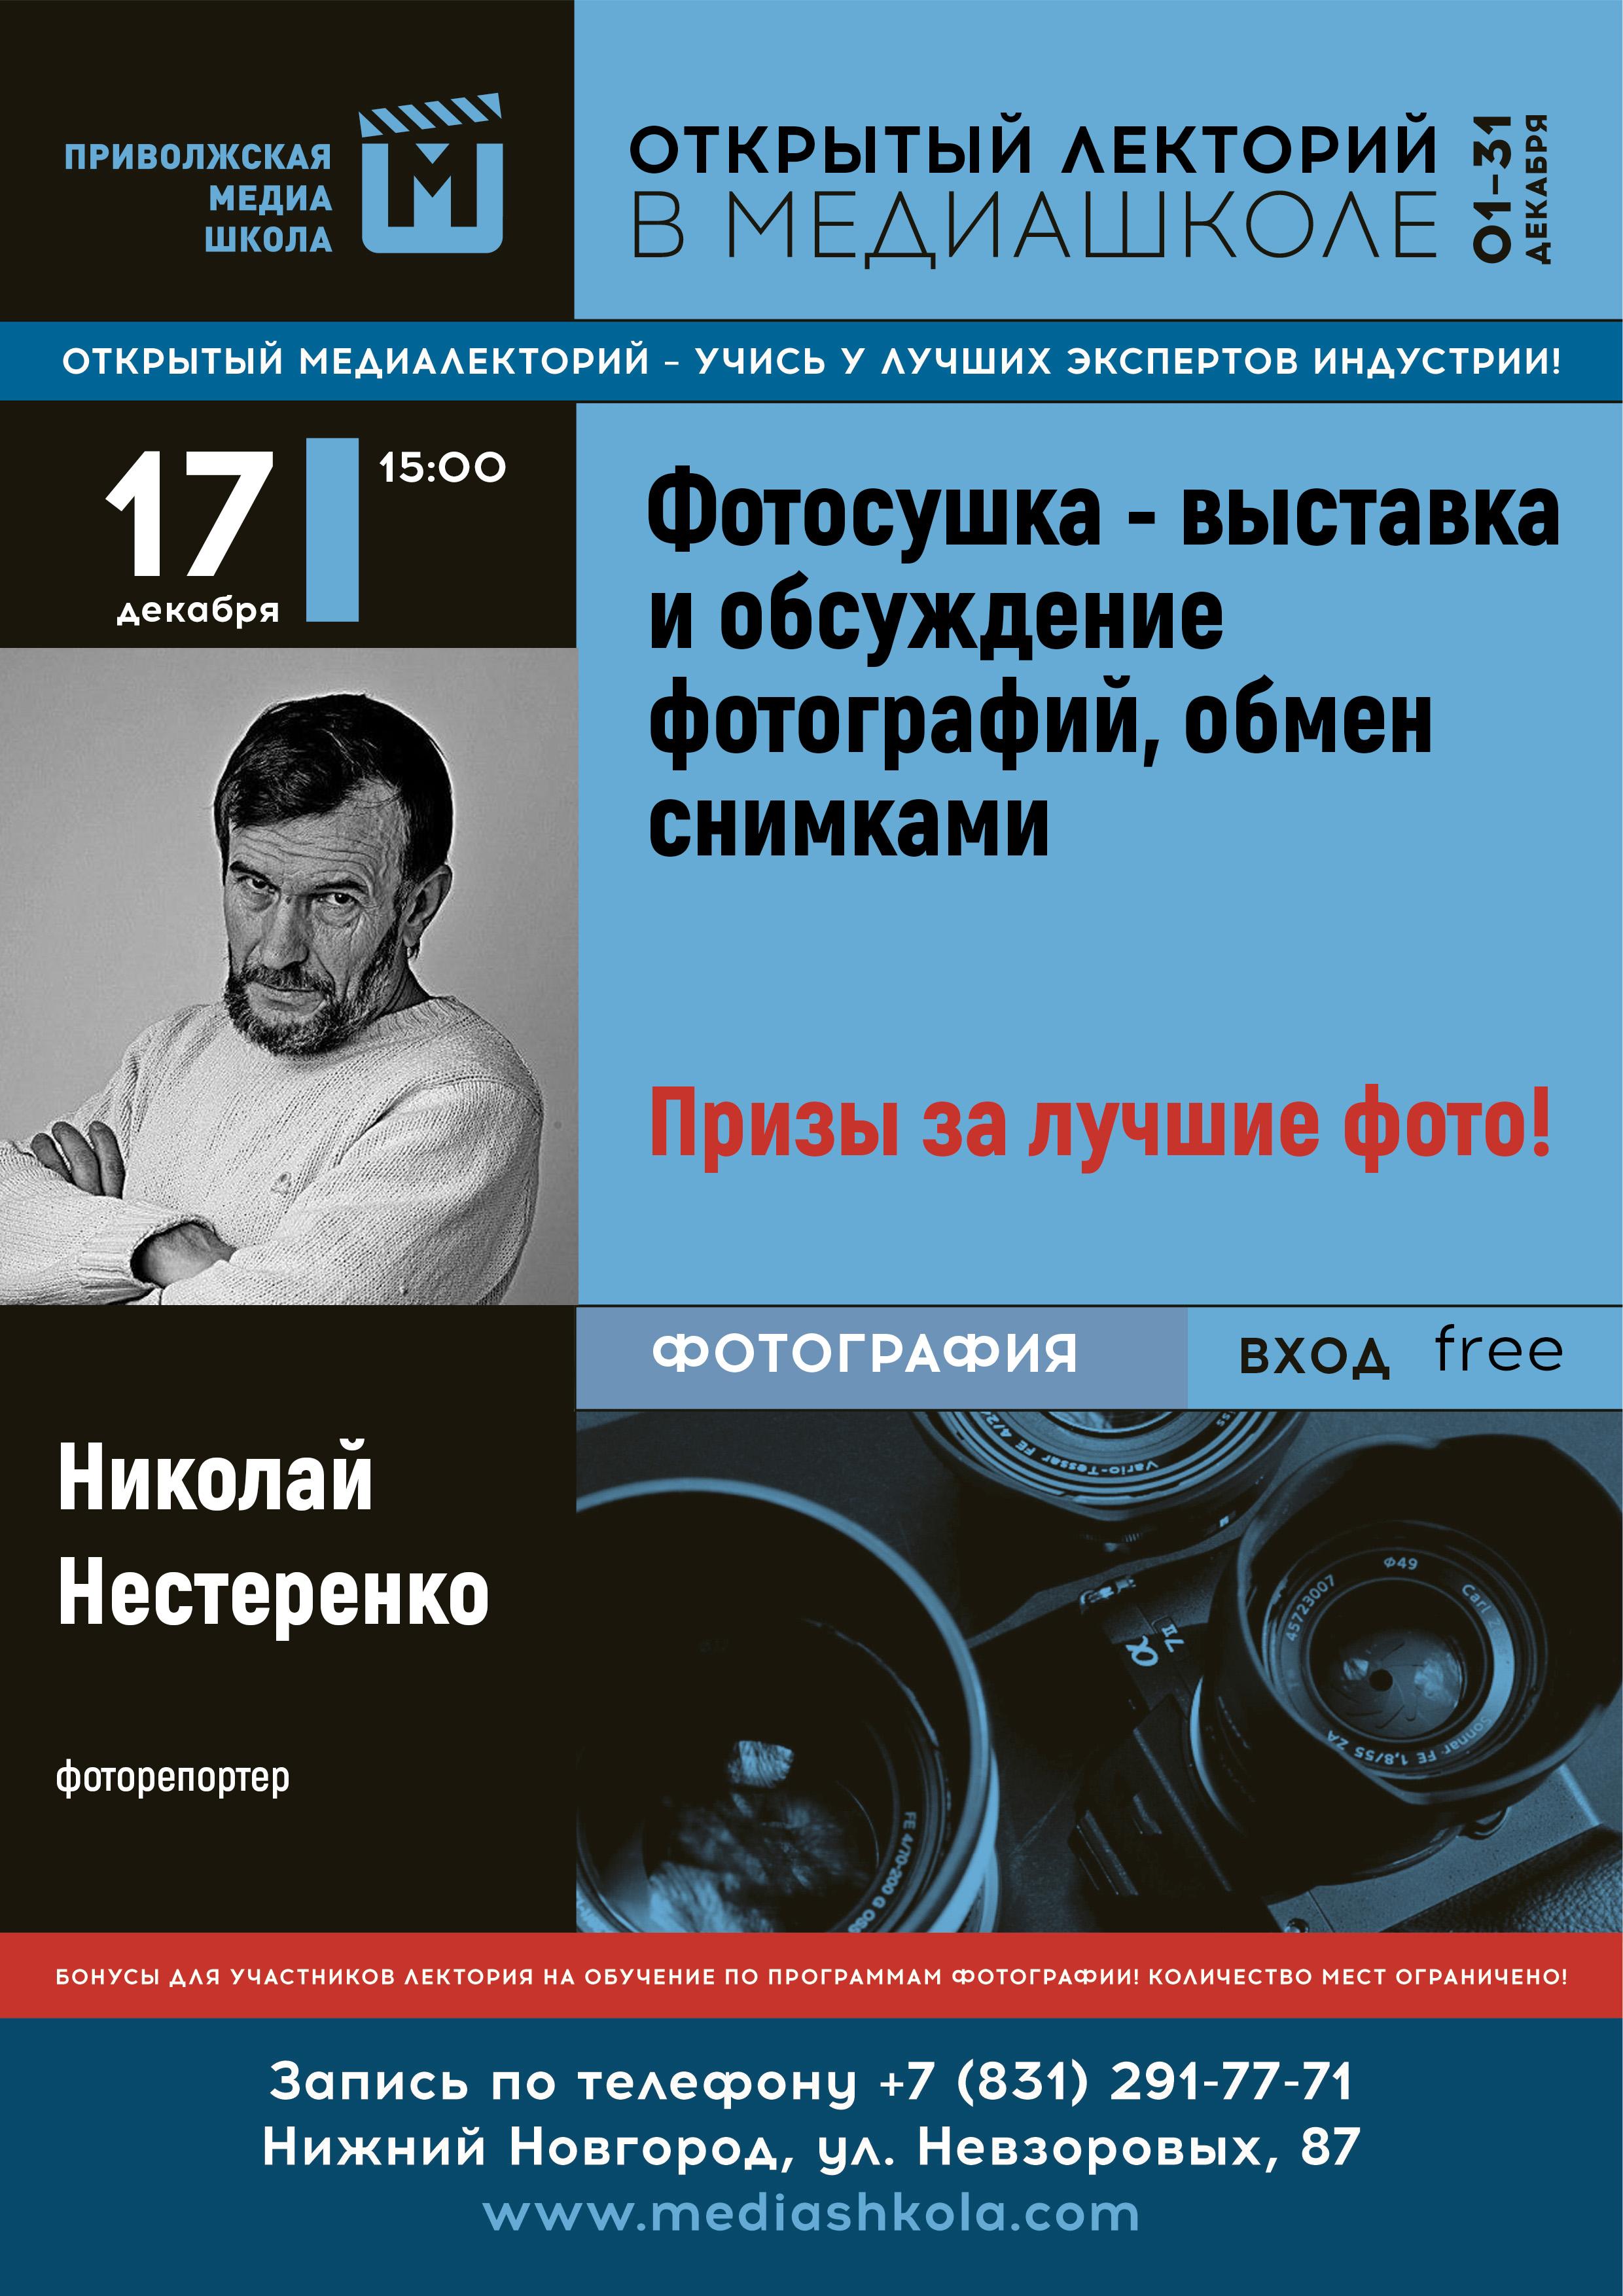 «Фотосушка» с Николаем Нестеренко